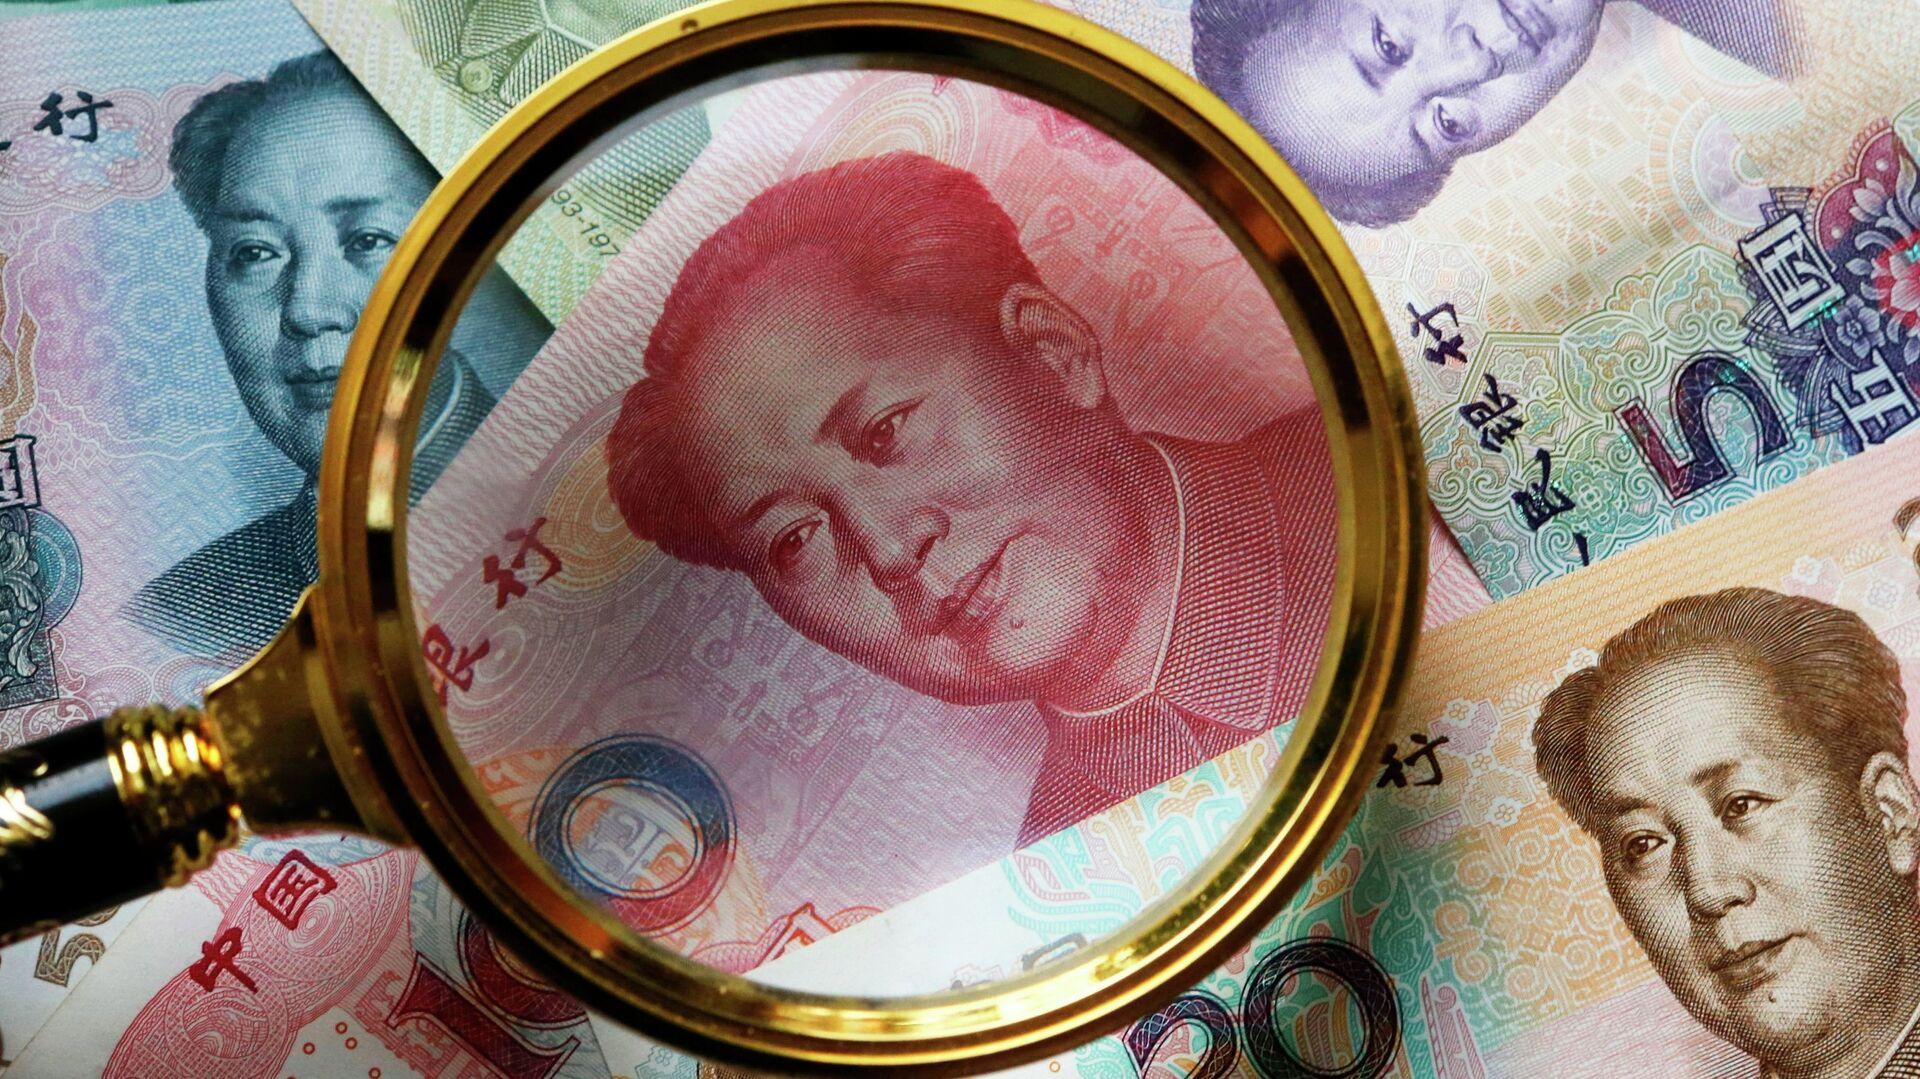 Китайские банкноты - РИА Новости, 1920, 22.02.2019